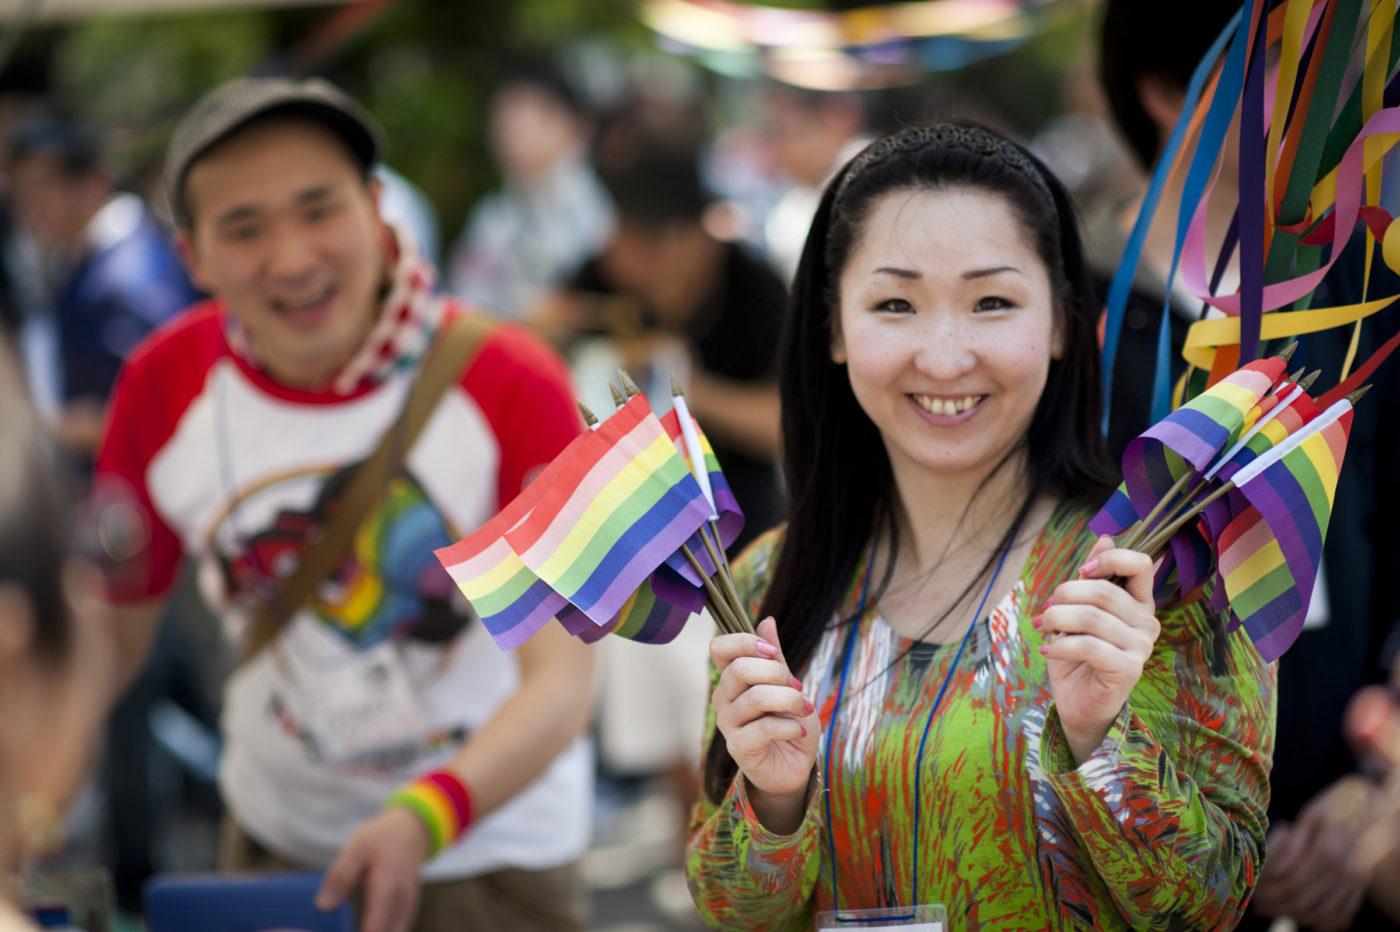 שבוע פסטיבל / מצעד הגאווה בטוקיו – 27 באפריל עד 6 למאי